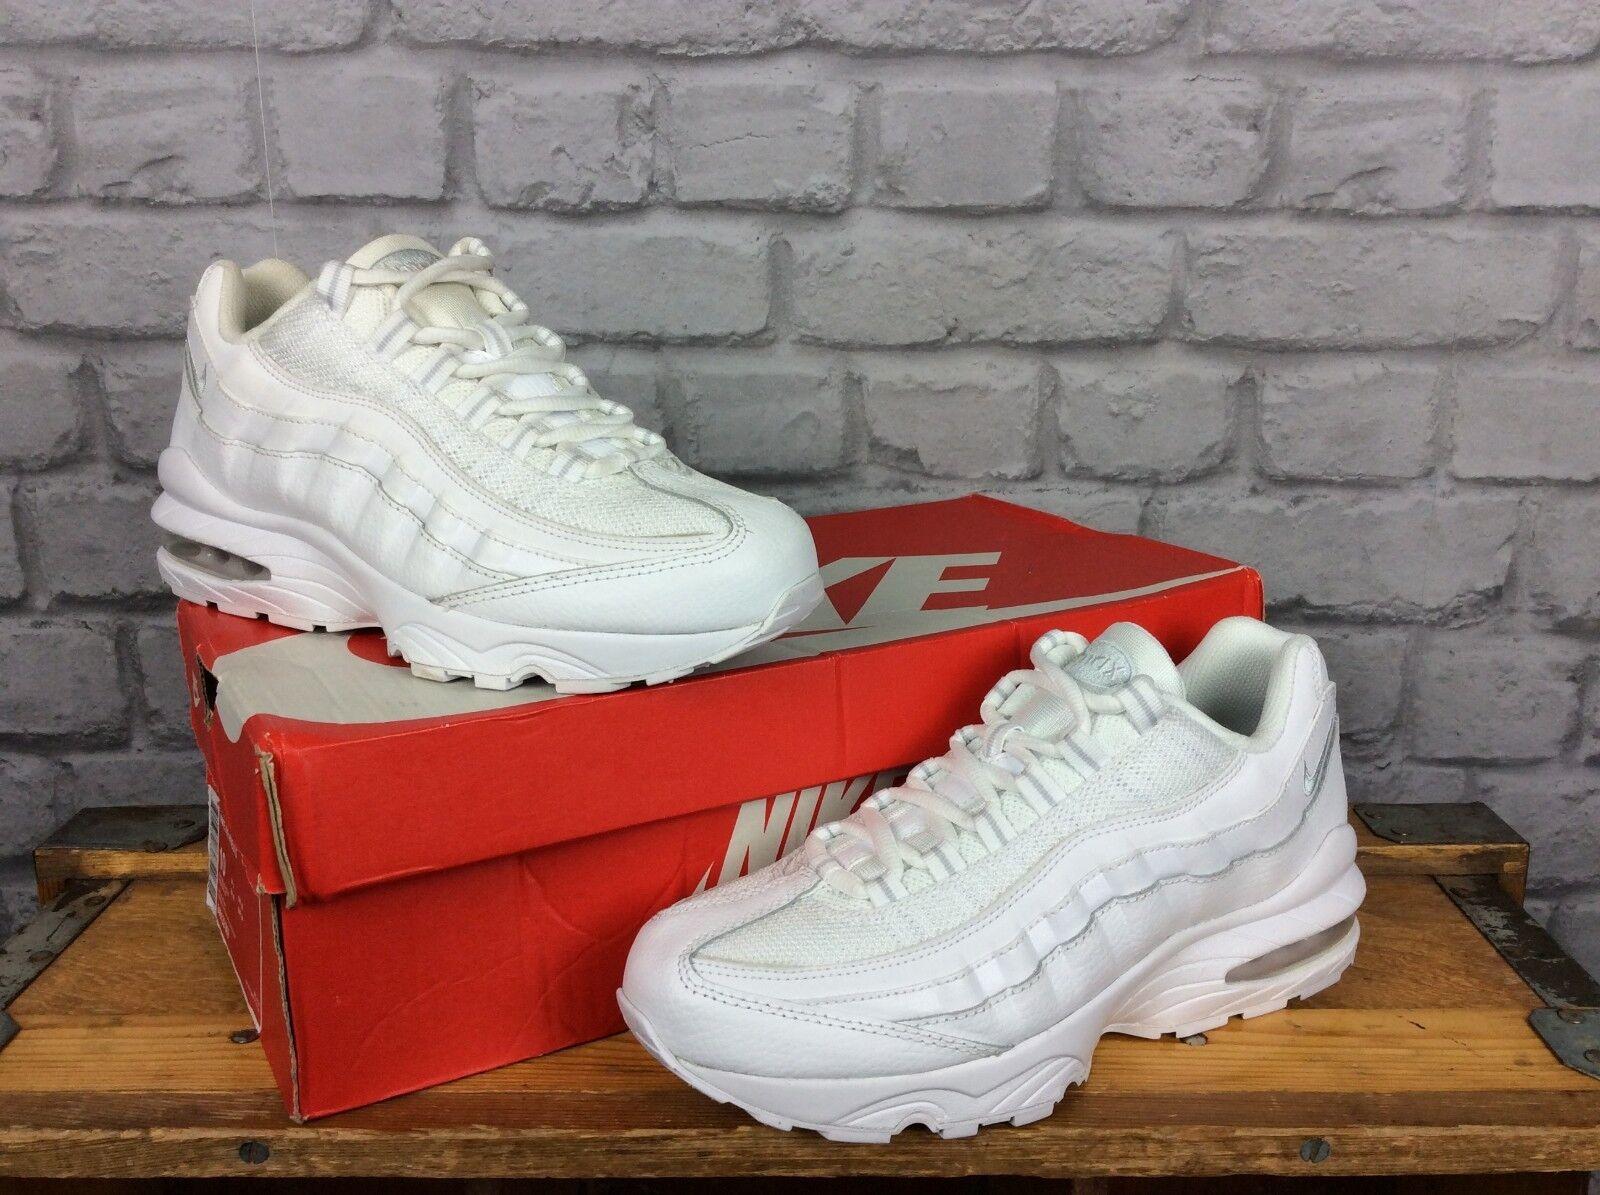 Nike Air Max 95 blancoo Zapatillas Zapatillas Zapatillas Varias Tallas Para Niños, Niñas, Damas  descuentos y mas